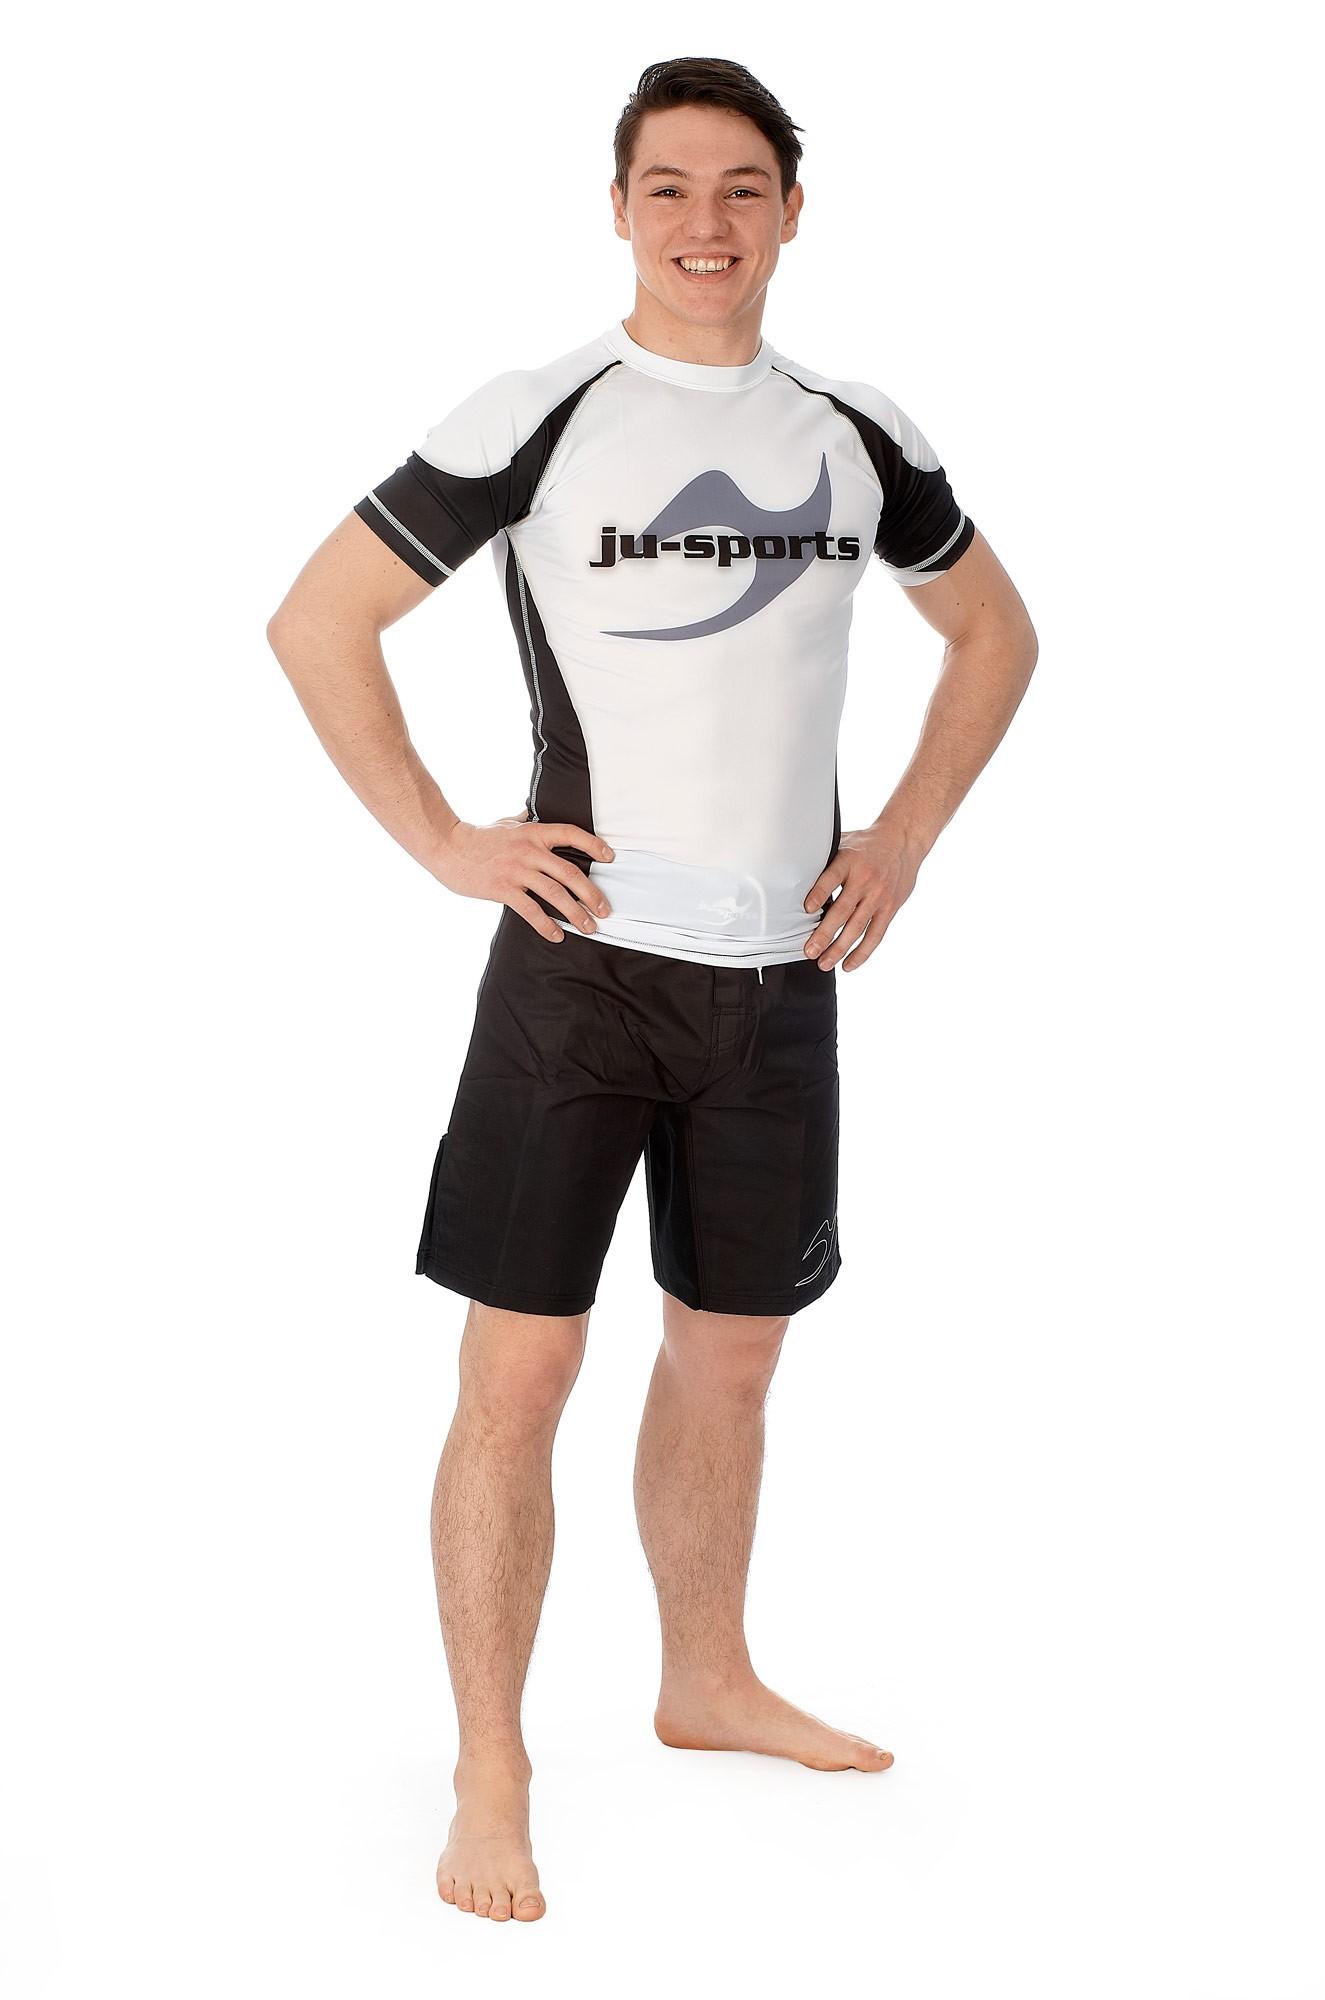 Ju-Sports Rashguard Germany langarm schwarz